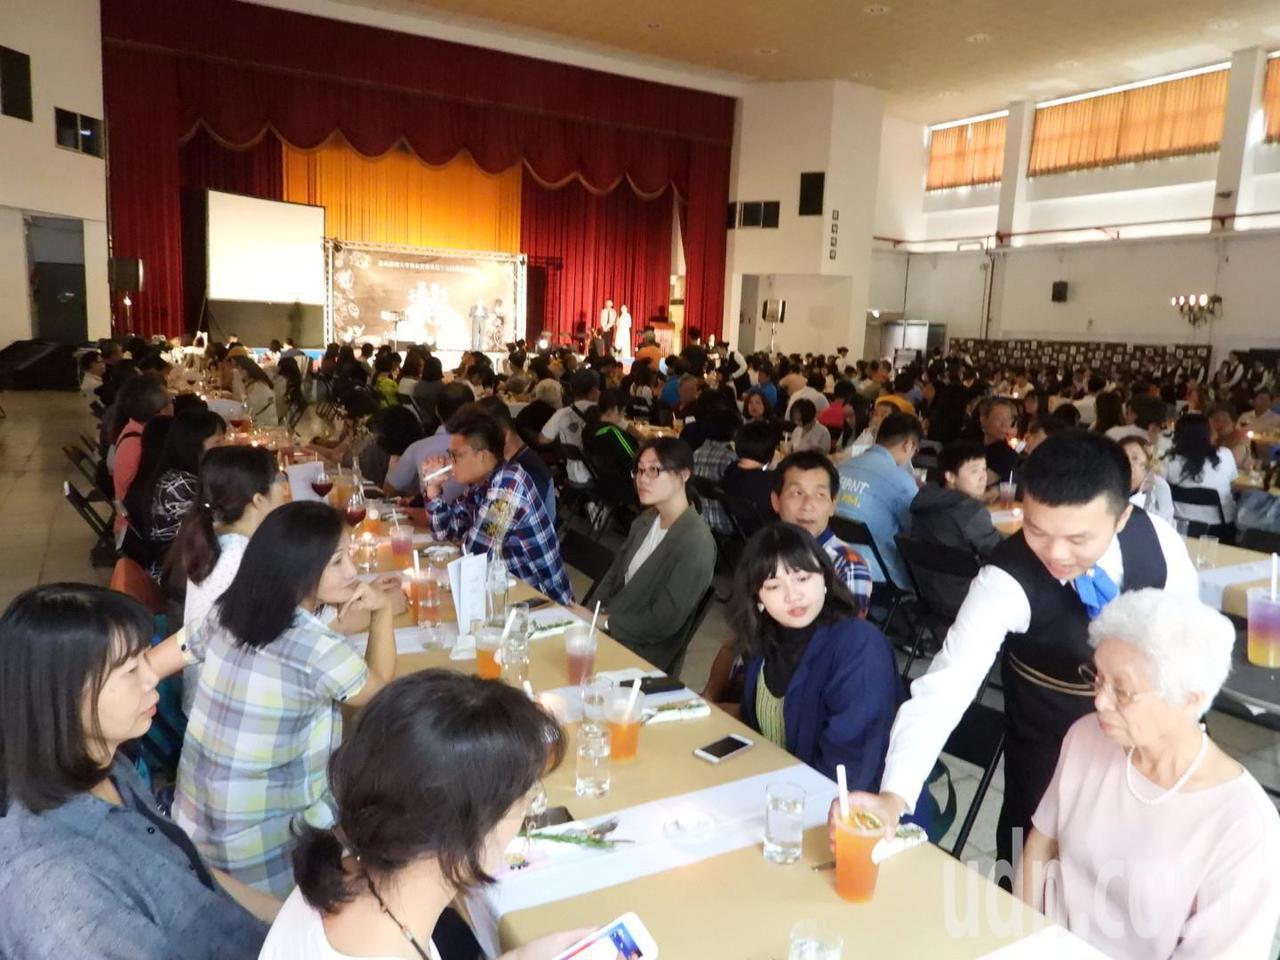 嘉南大學餐旅系今開「永續餐桌」,創意令出席家長驚艷。記者周宗禎/攝影